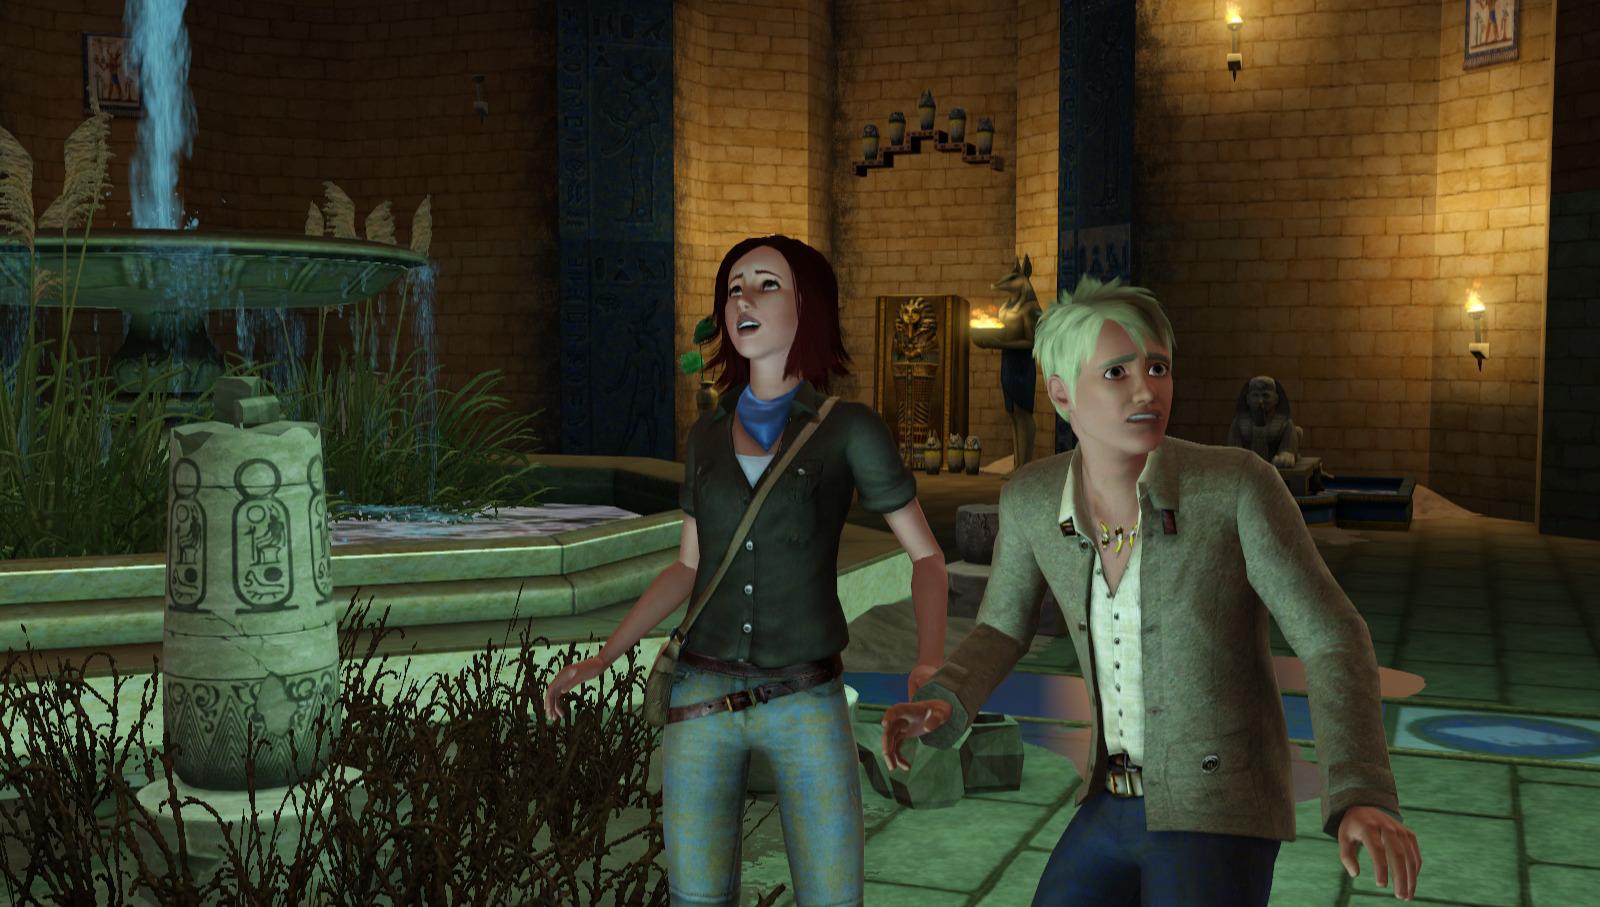 Sims 3 Путешествия Скачать Игру Бесплатно